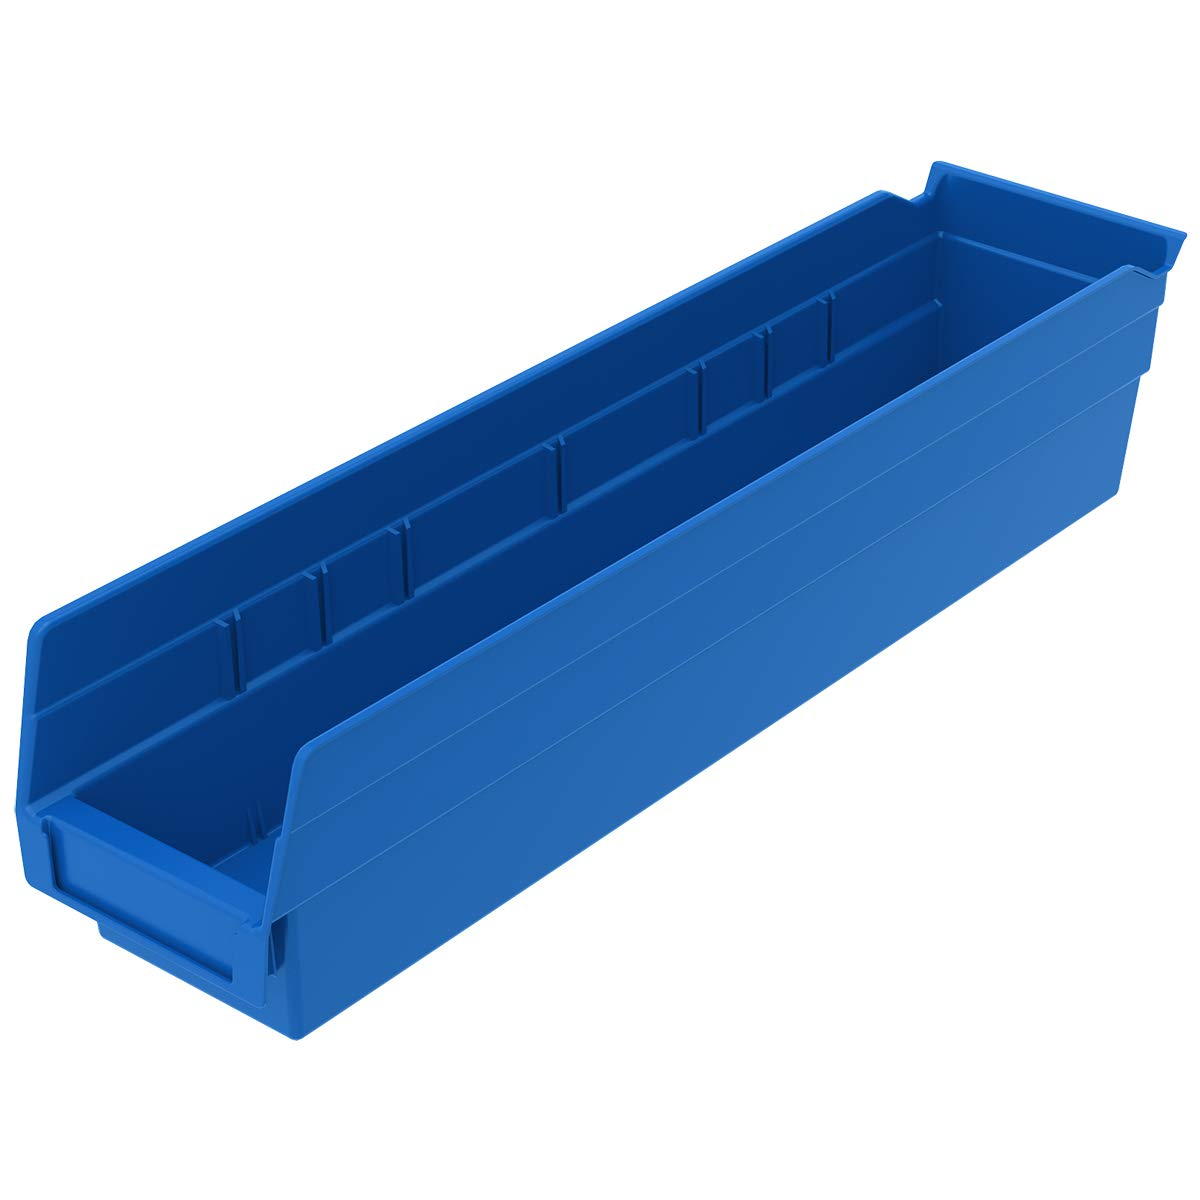 Akro-Mils 30128 18-Inch by 4-Inch by 4-Inch Plastic Nesting Shelf Bin Box, Blue, Case of 12 by Akro-Mils